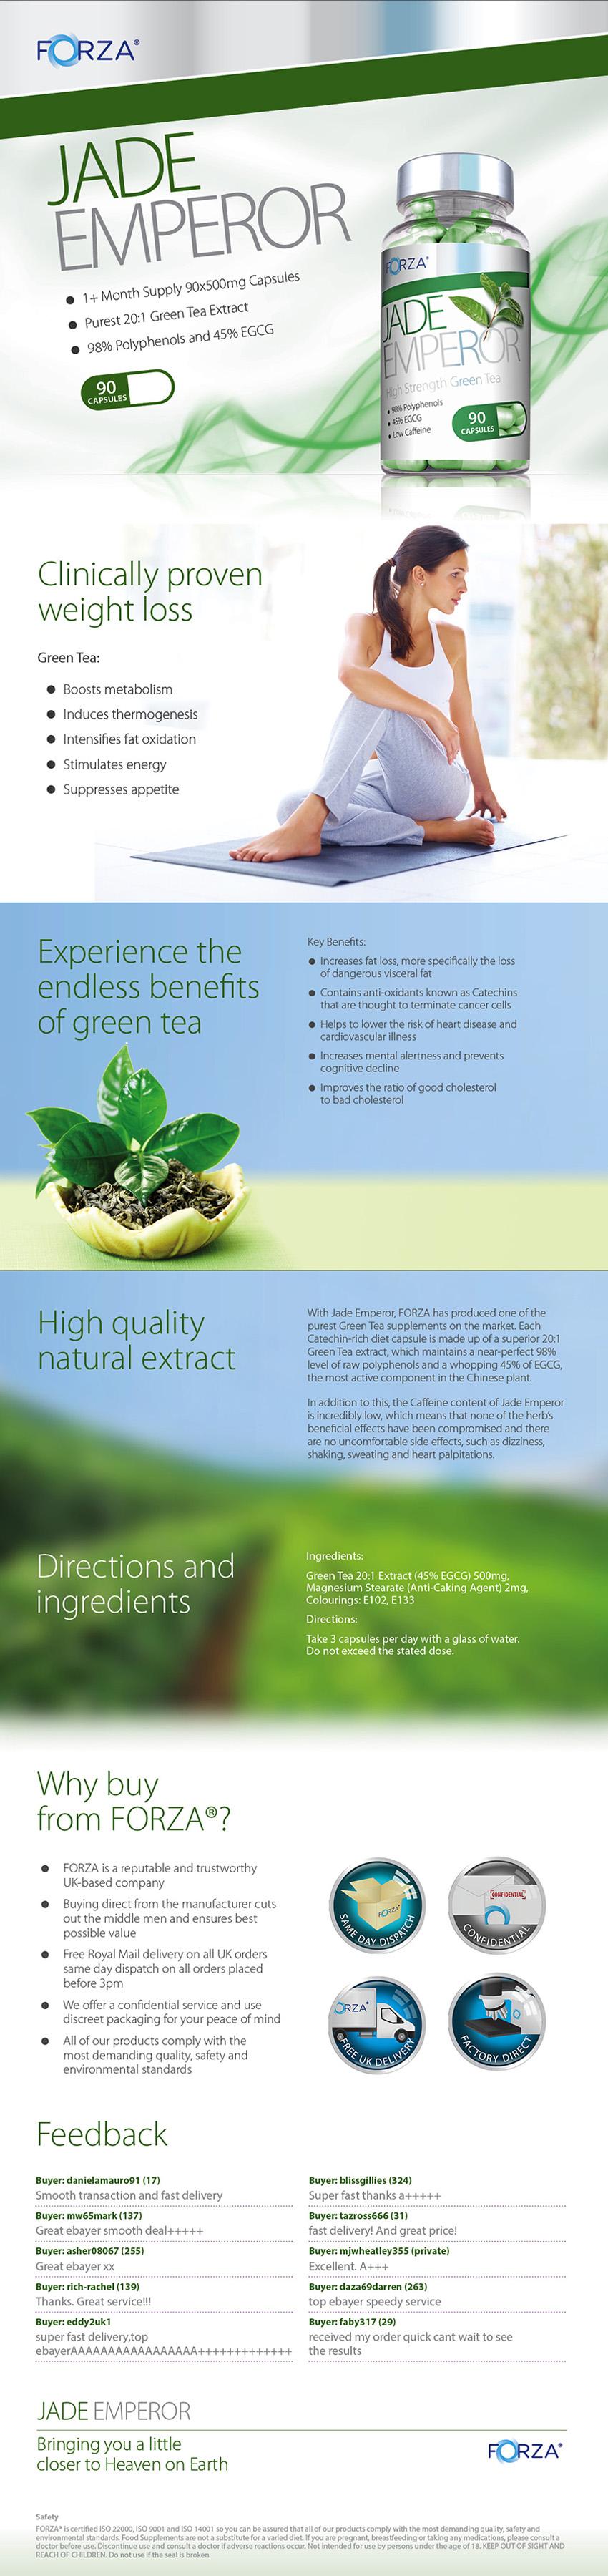 Таблетки для похудения FORZA Jade Emperor - Green Tea Slimming Pills - High Strength Diet Pills в интернет магазине Ru-ebay.com